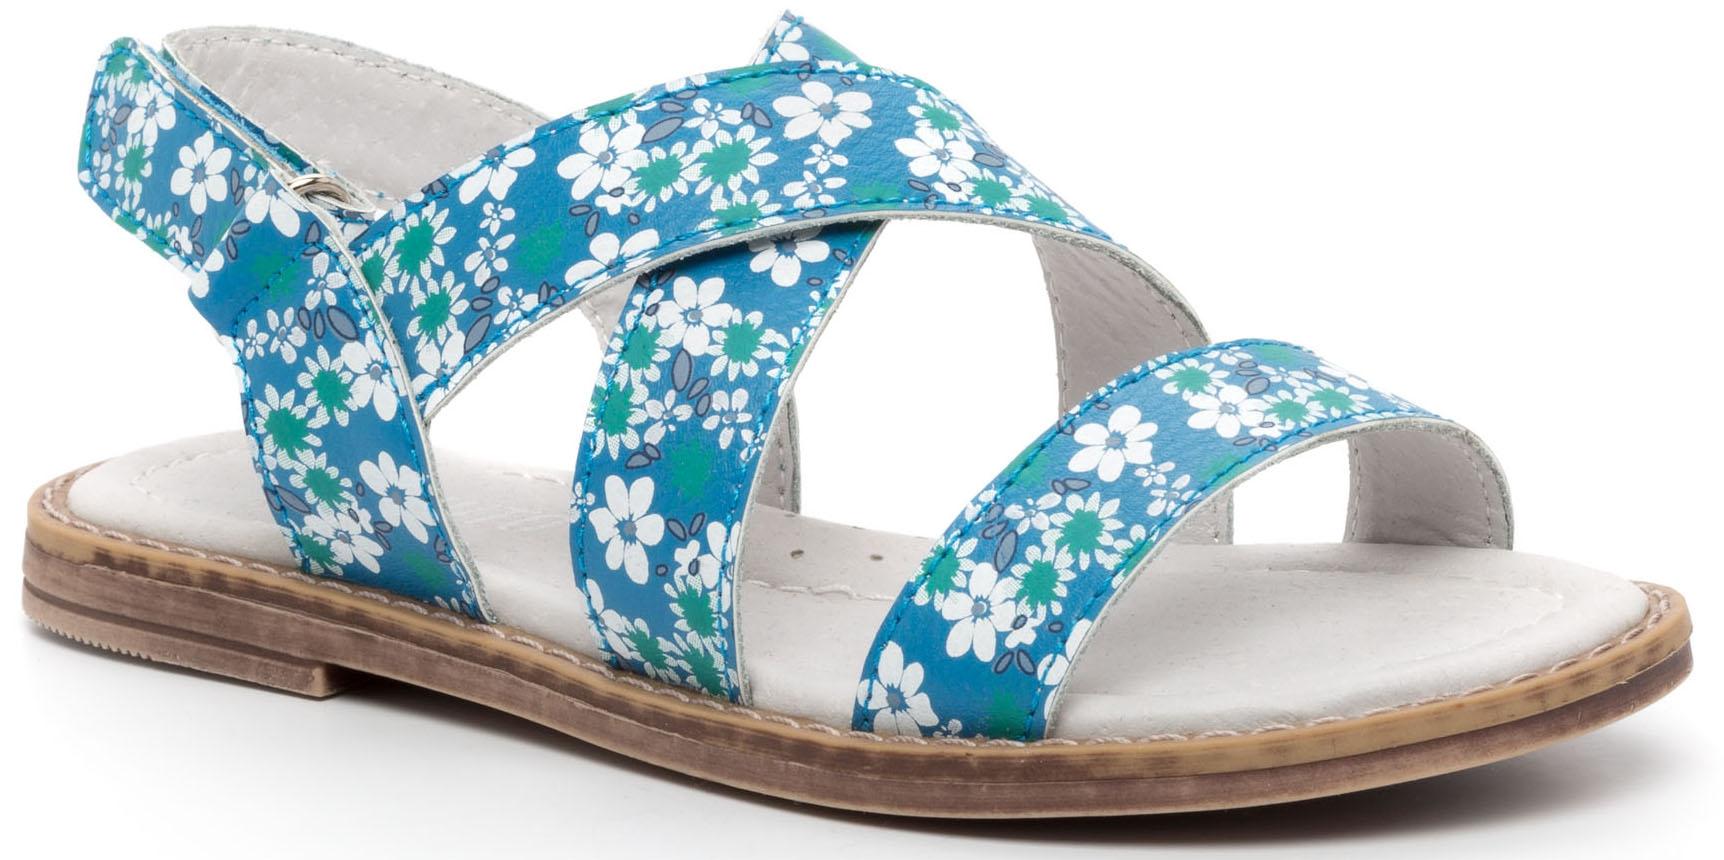 Купить Босоножки, Туфли летние ремешковые для девочки Barkito, бирюзовый с рисунком, Китай, Женский